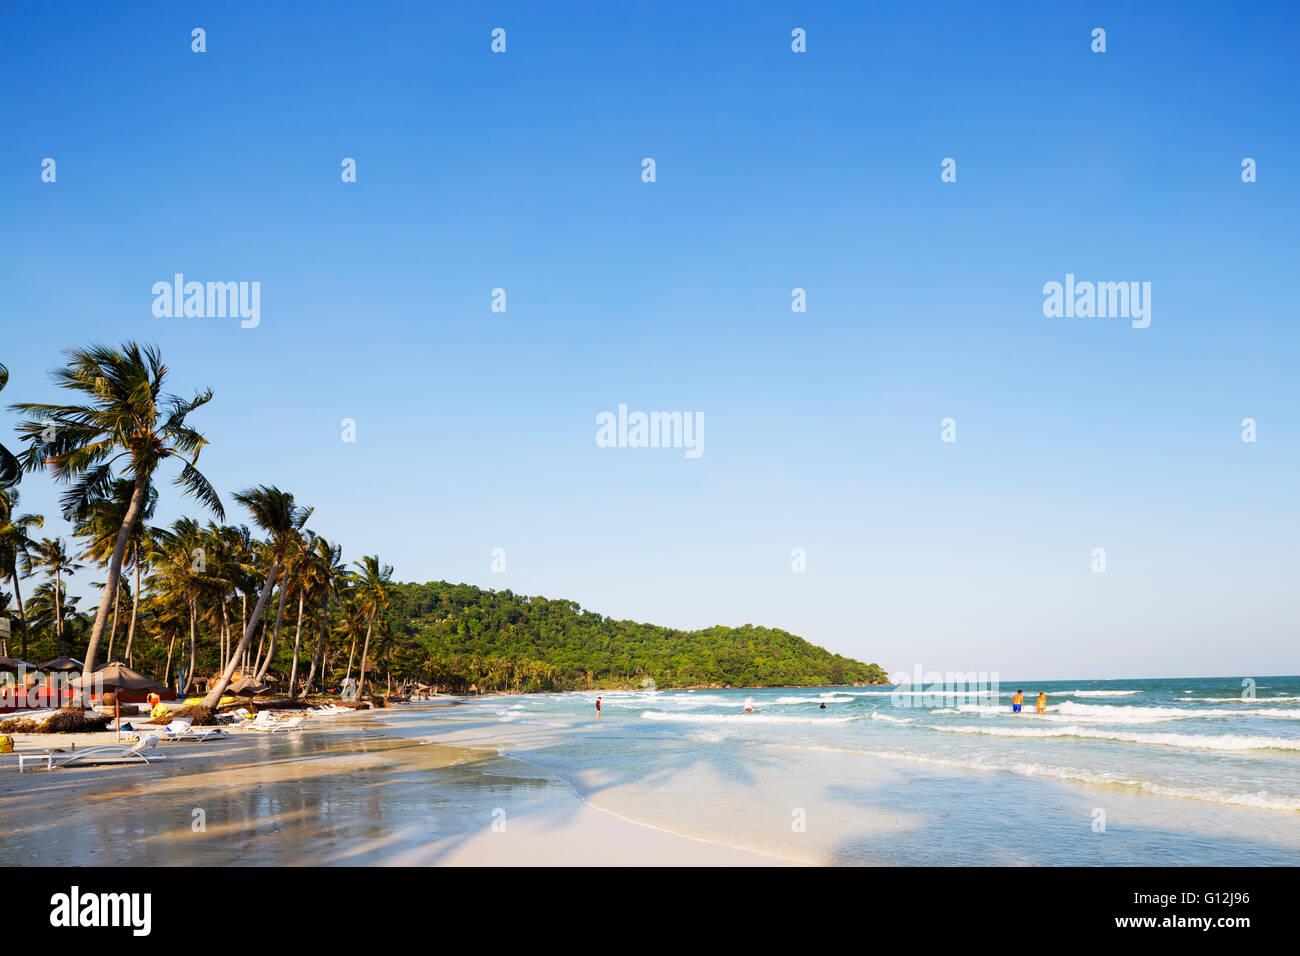 South East Asia, Vietnam, Phu Quoc island, Bai Sao beach - Stock Image